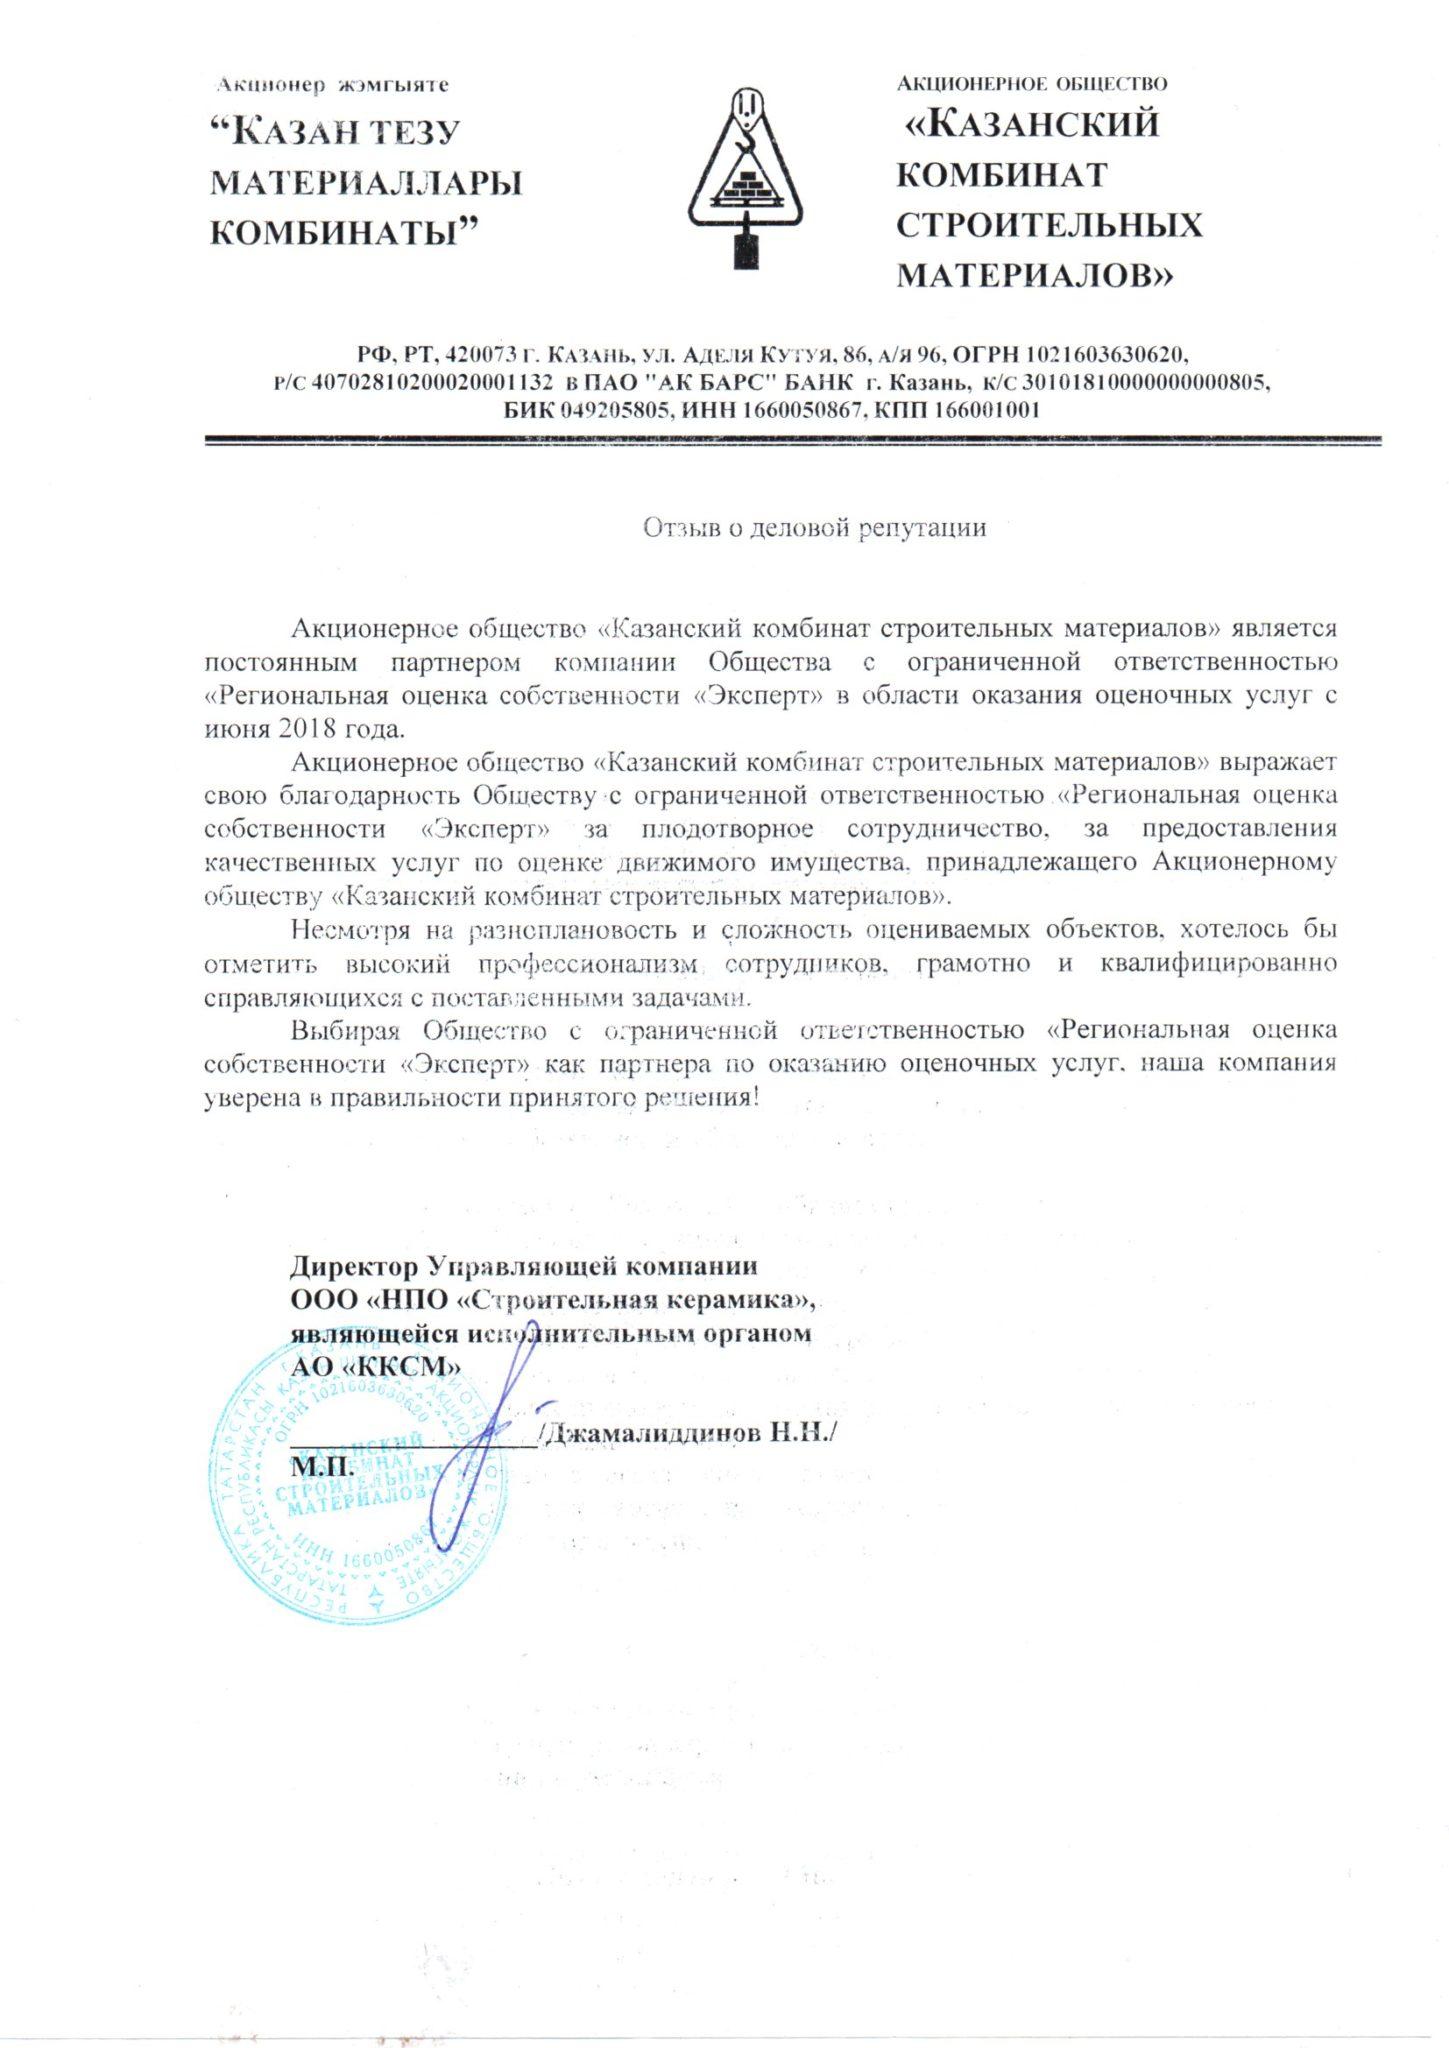 АО «Казанский комбинат строительных материалов»